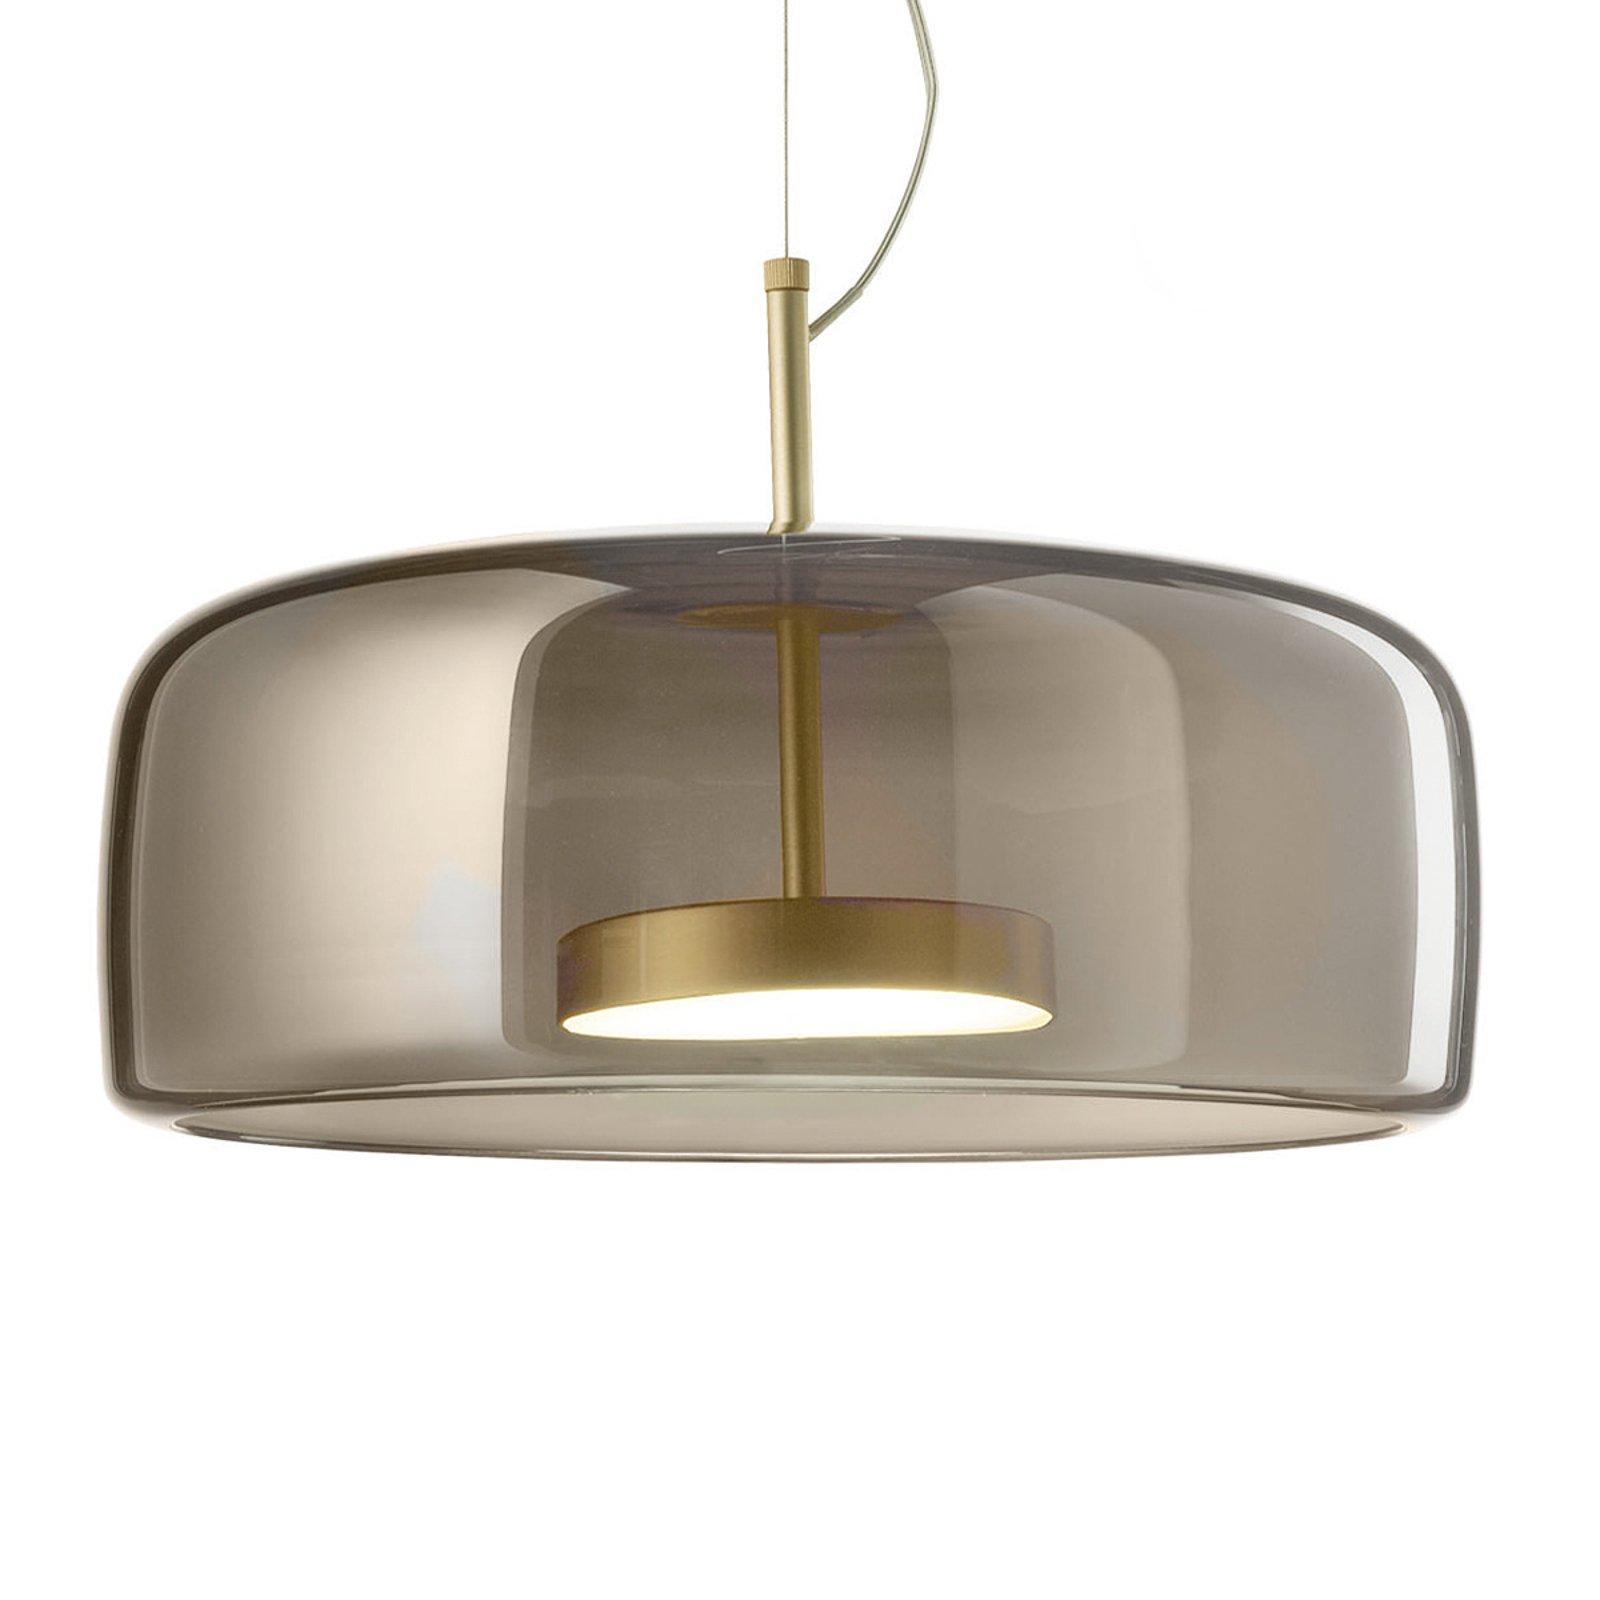 LED-hengelampe Jube SP 1 G, glasskjerm grå